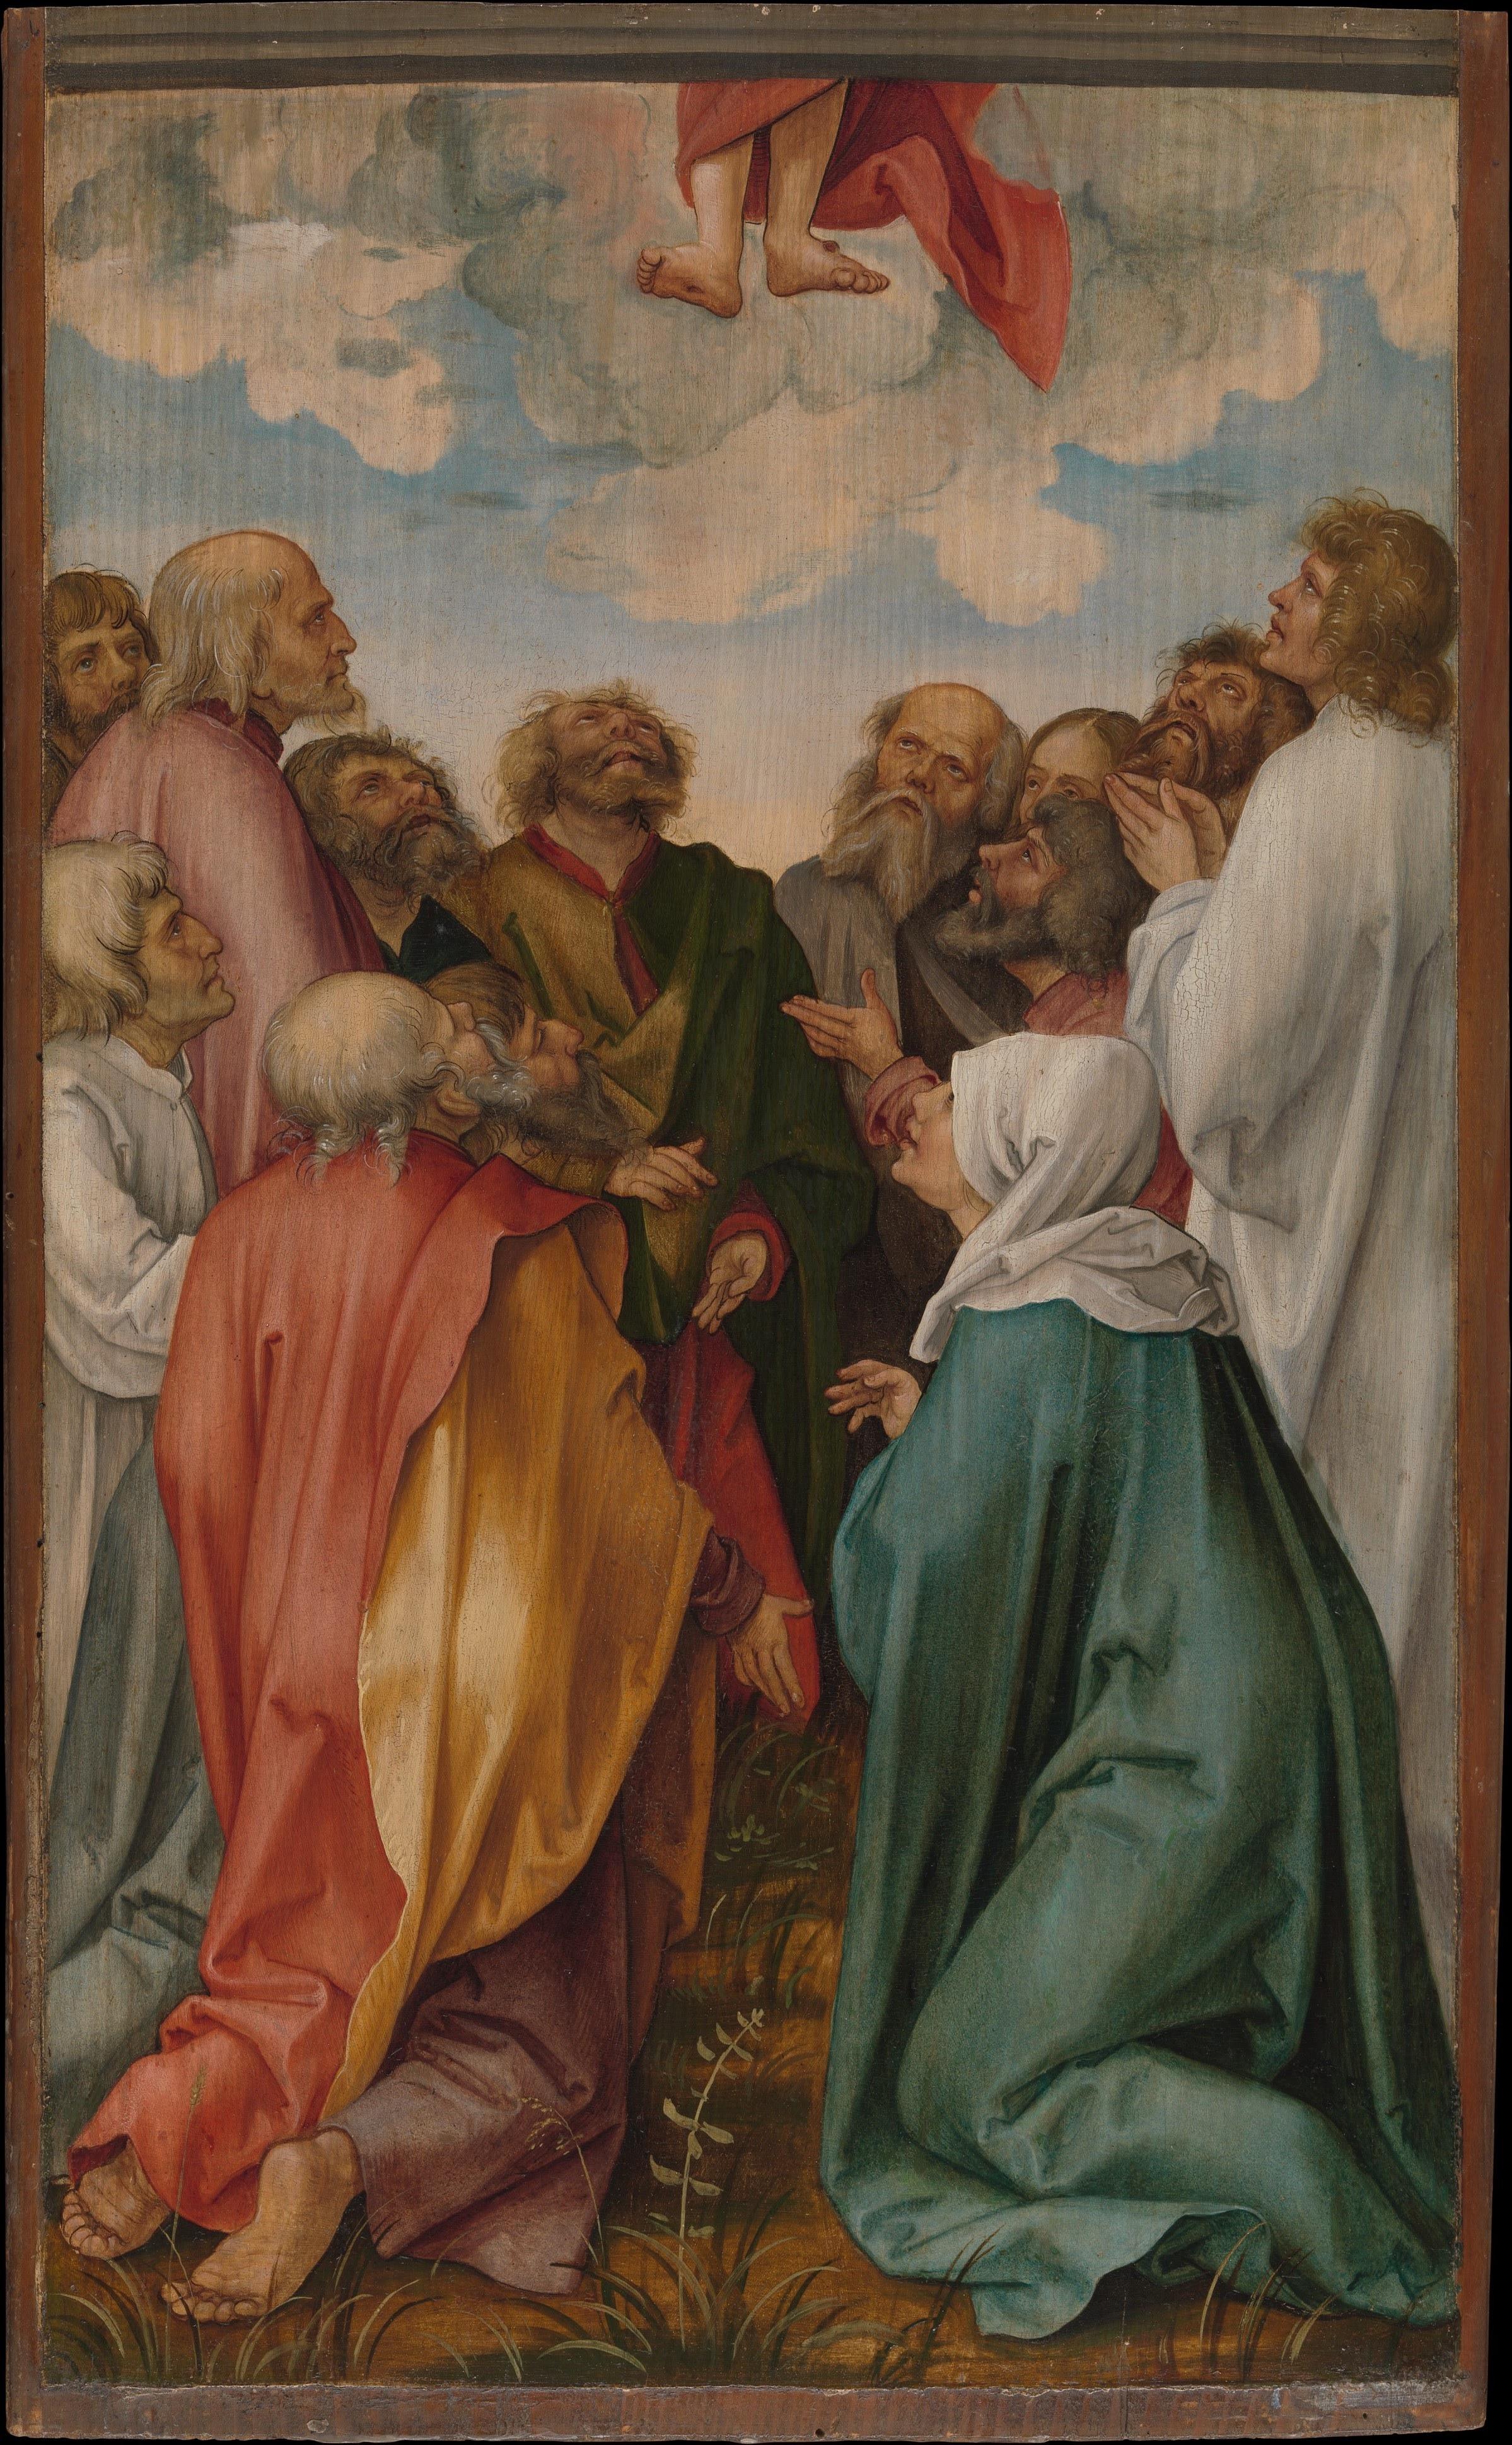 Kulmbach, Hans von_Ascension of Christ